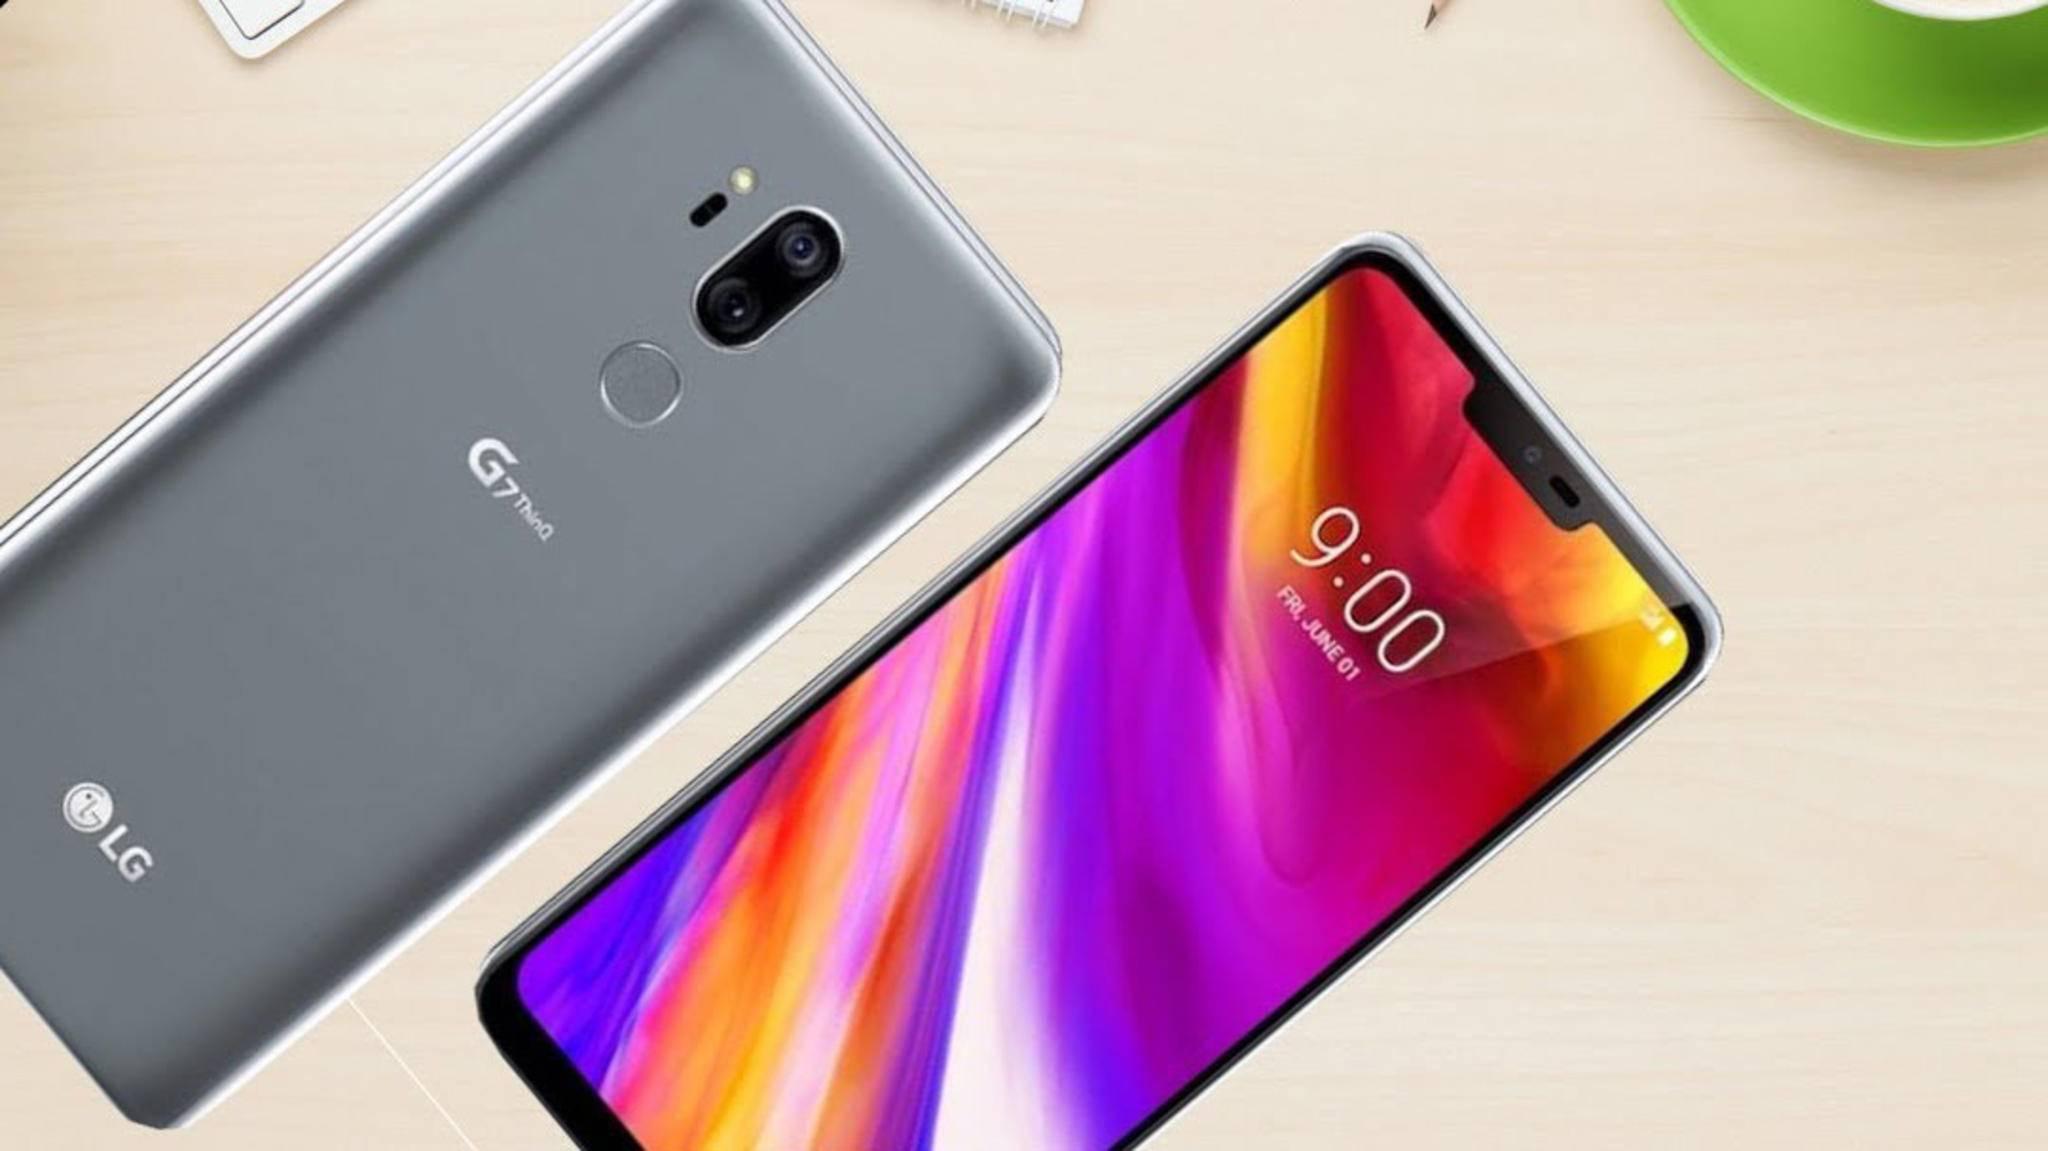 LG will die Notch im Display schon vor dem iPhone X geplant haben.